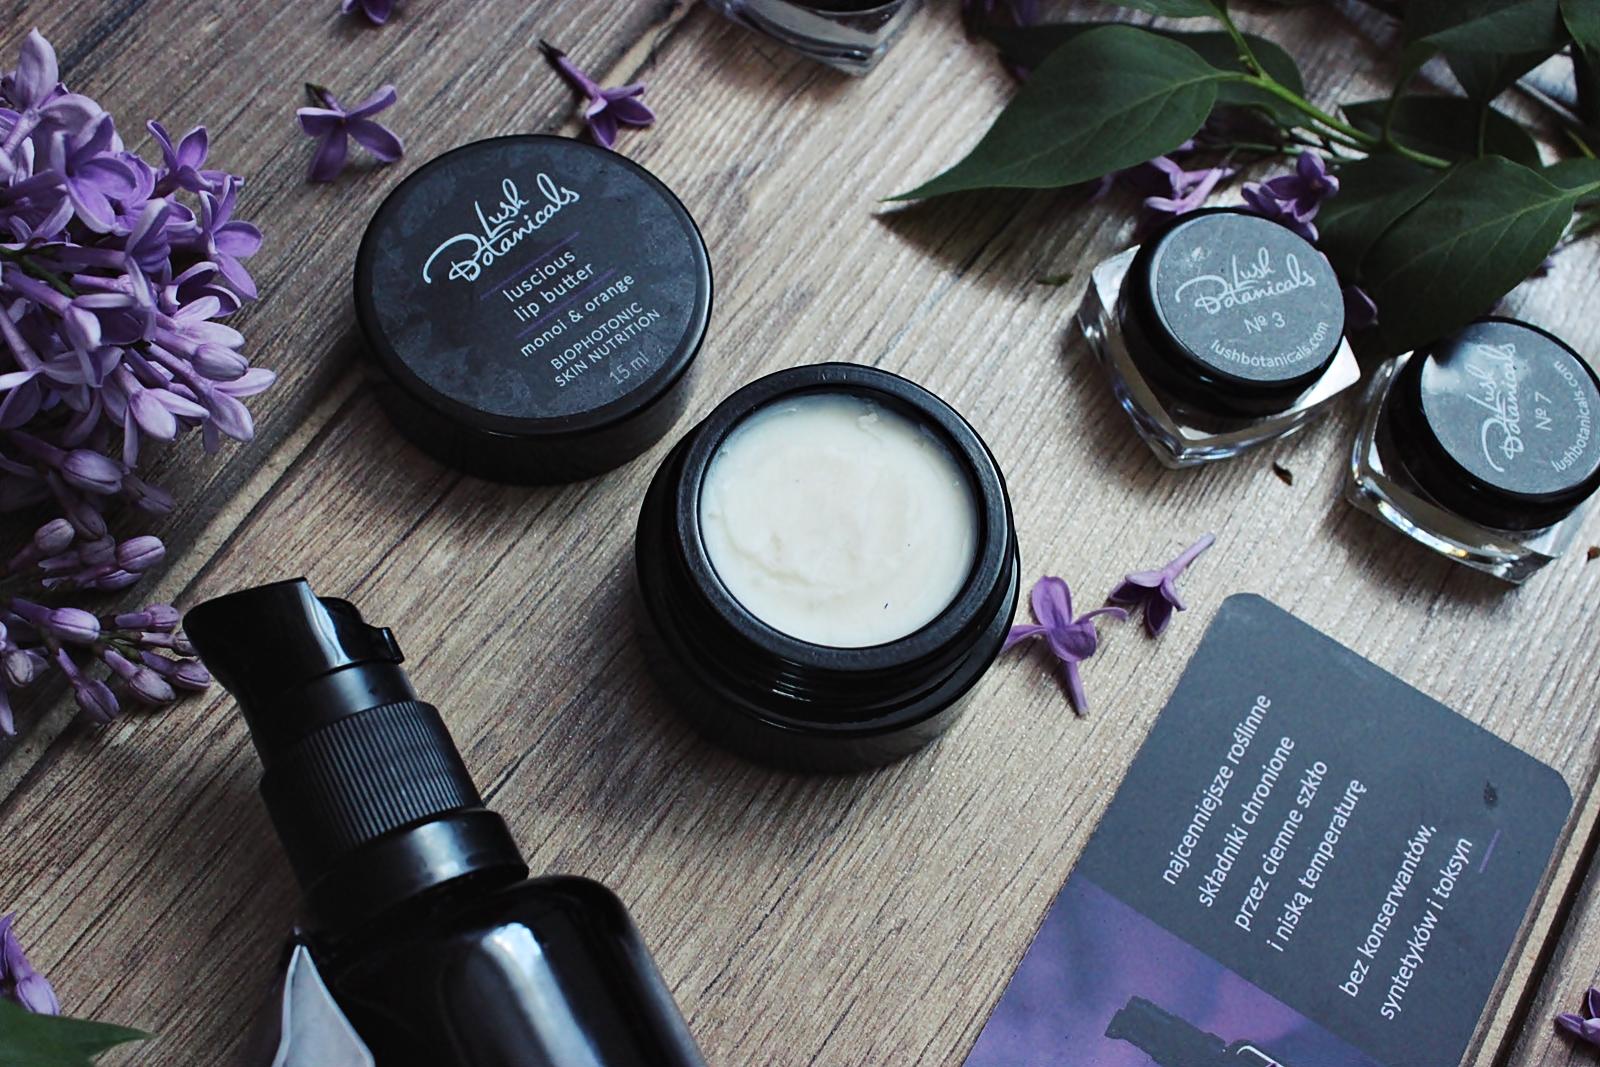 Lush Botanicals, polskie 100% naturalne kosmetyki z lodówki